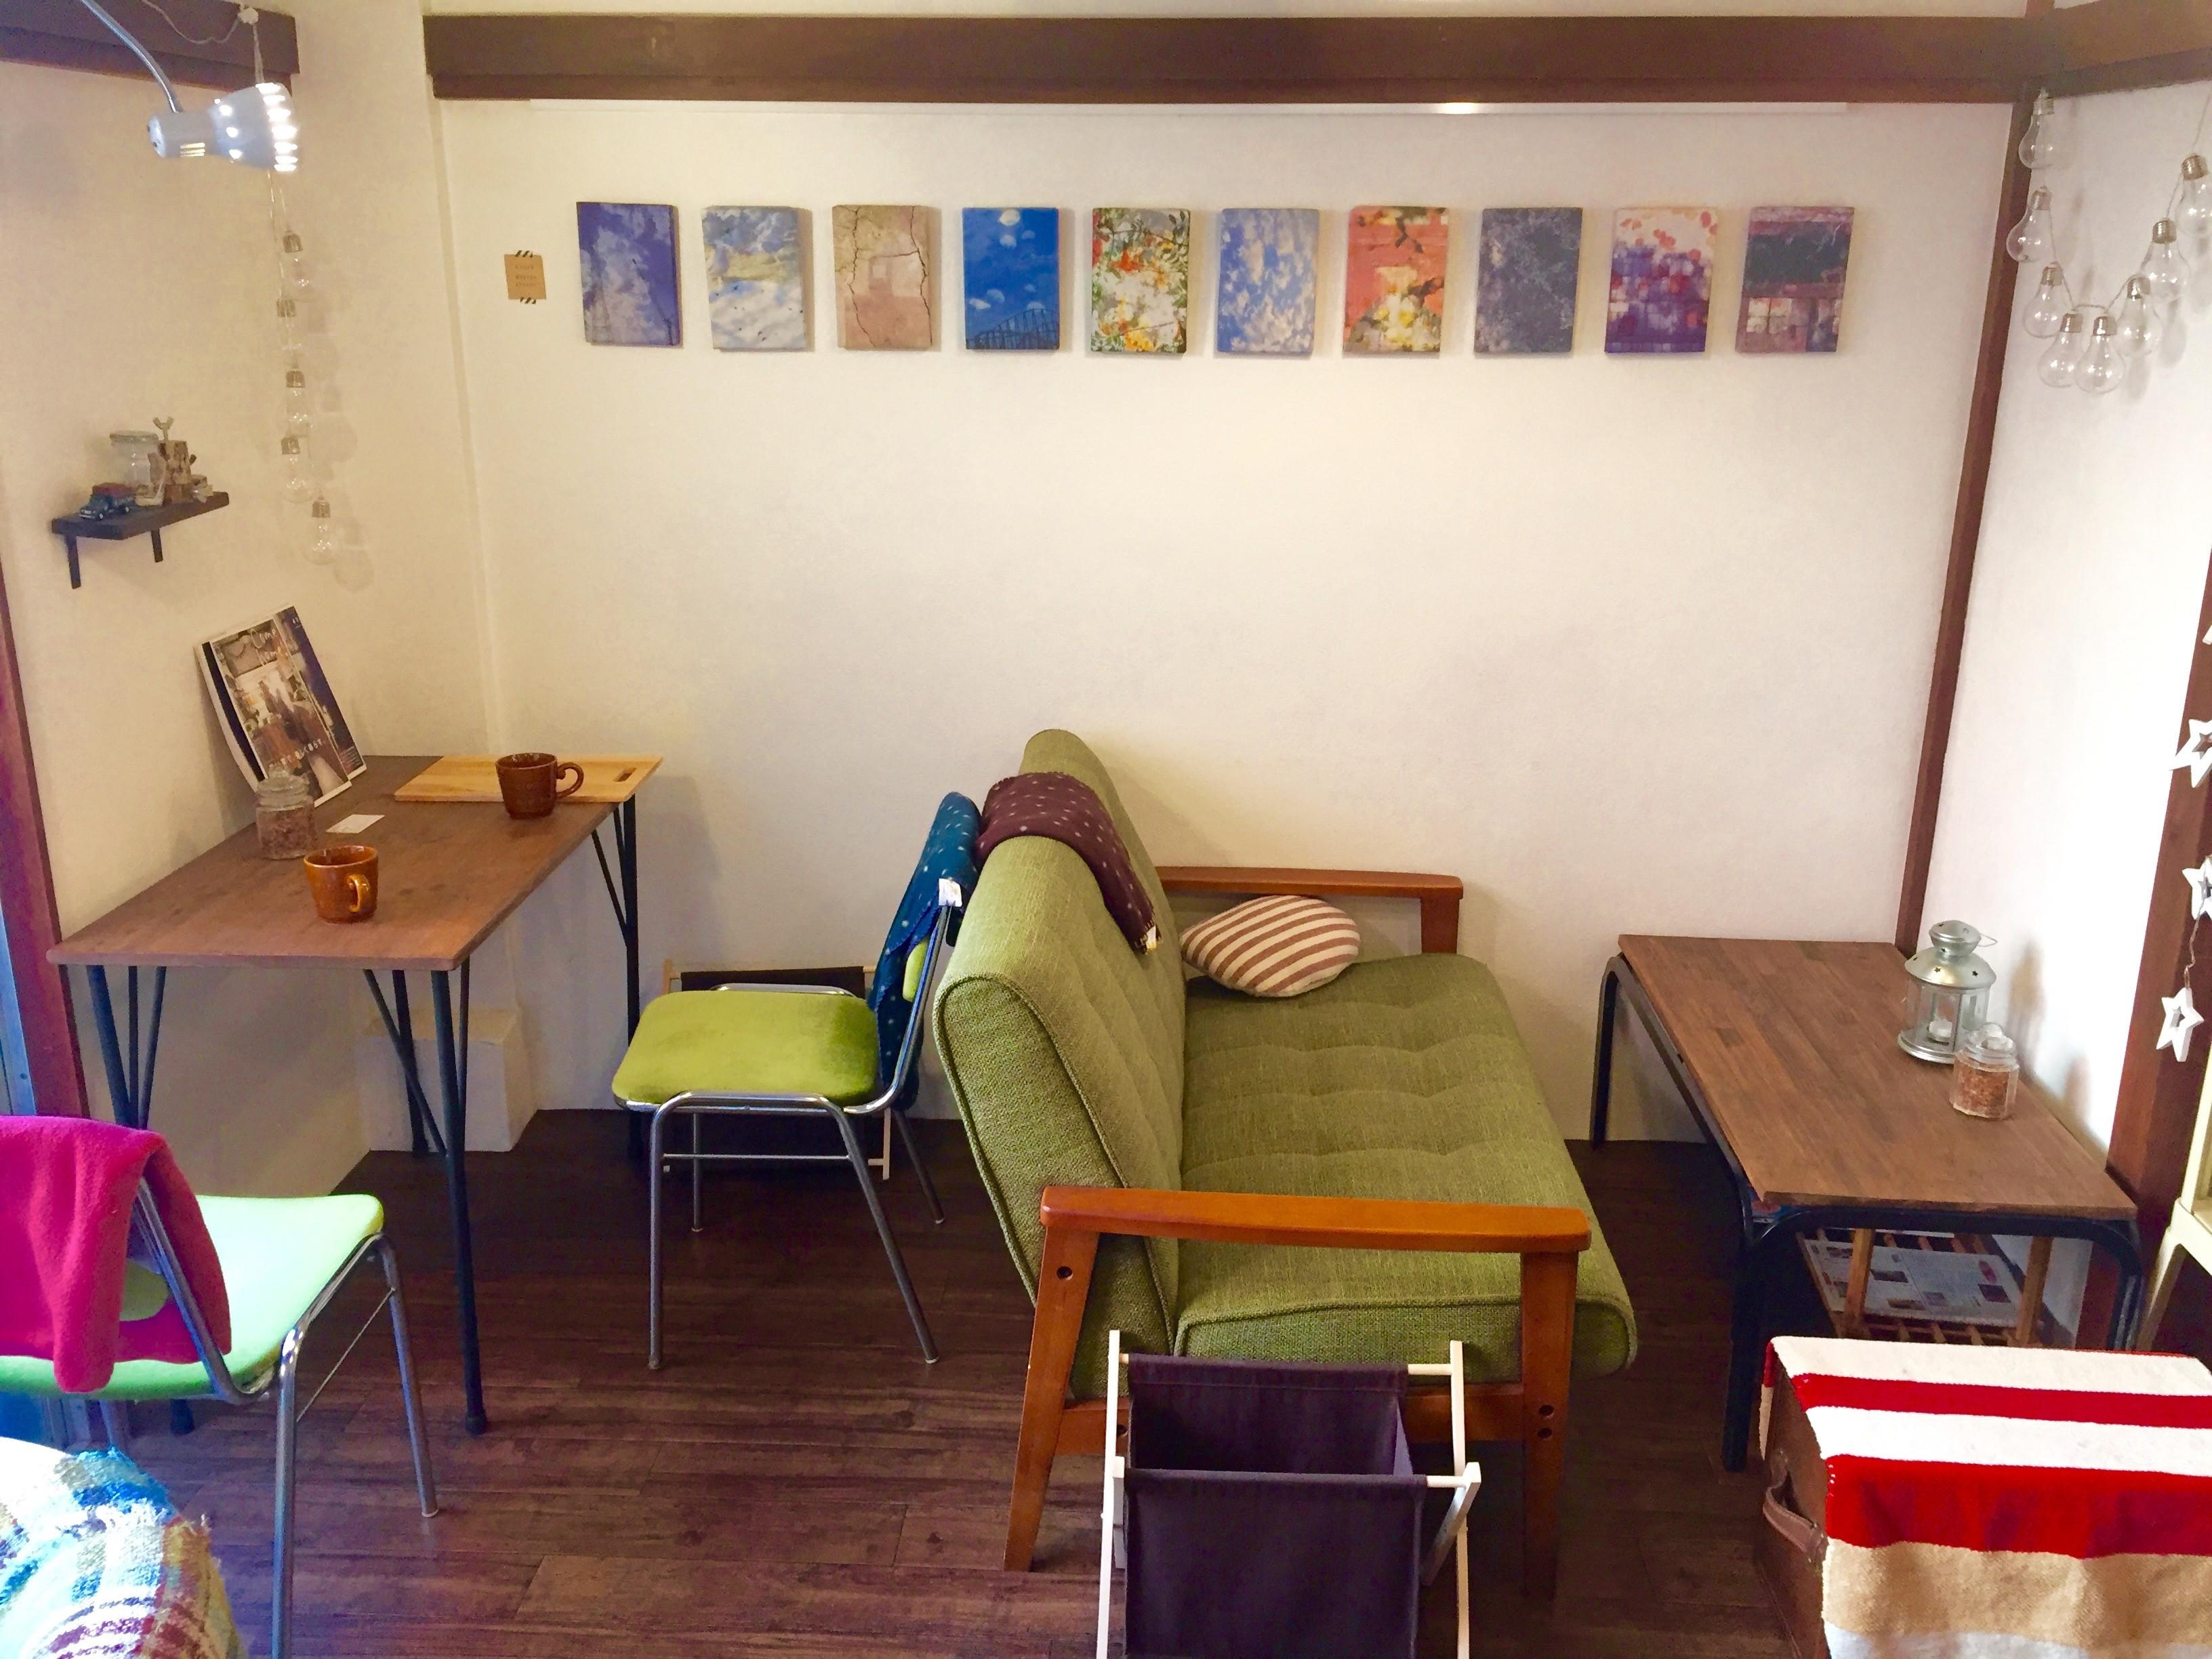 ワークショップに!和の面影を残したリノベーションスペース「cup2gallery103号室」